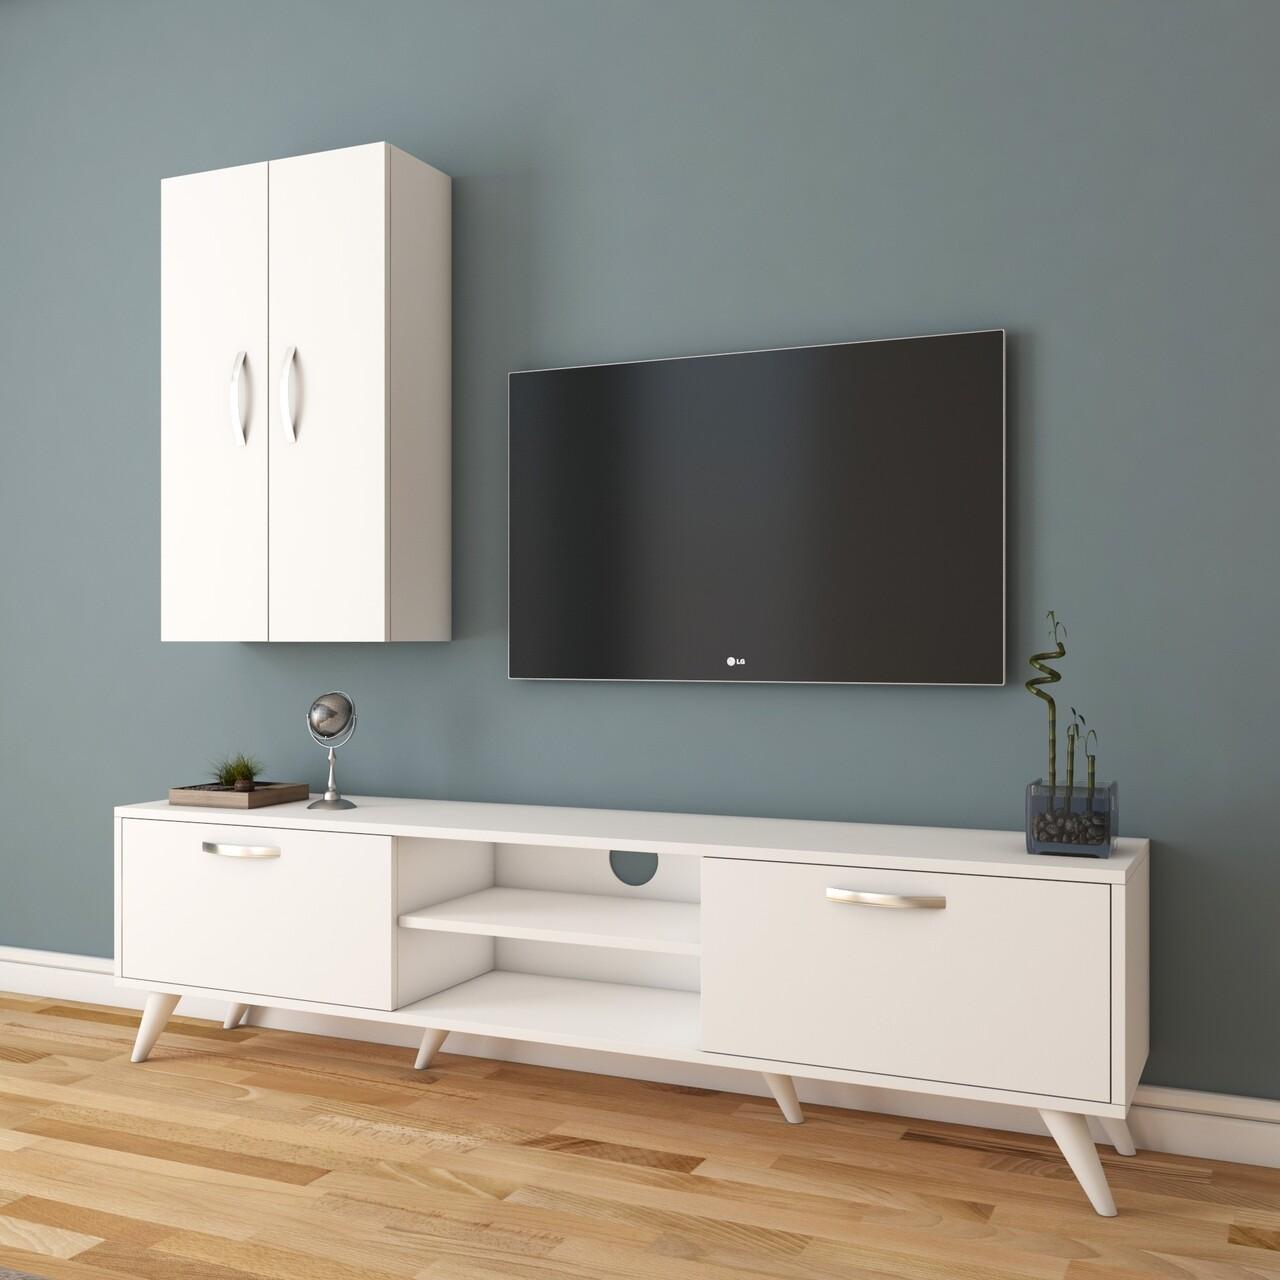 Comoda TV cu 2 cabinete M18 - 265, Wren, 180 x 35 x 48.6 cm/90 cm, white